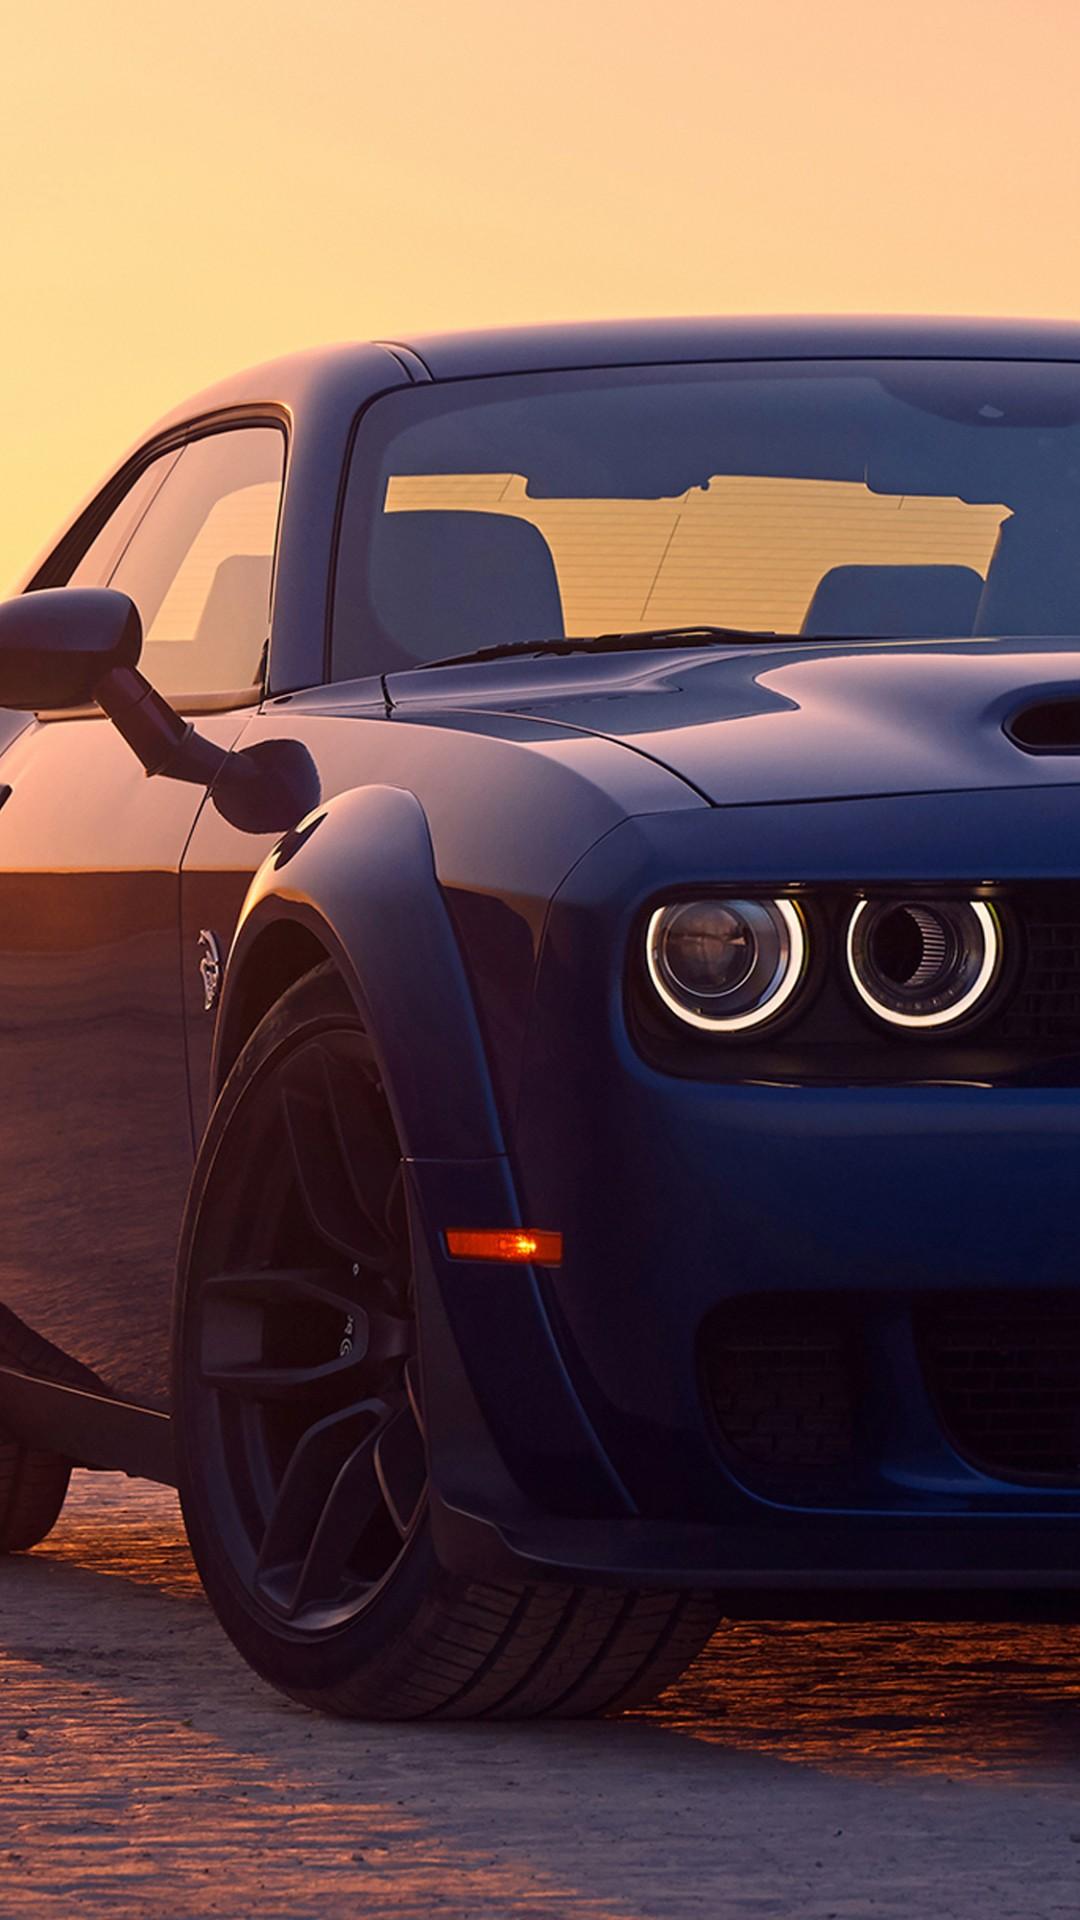 wallpaper dodge challenger srt hellcat, 2019 cars, 4k